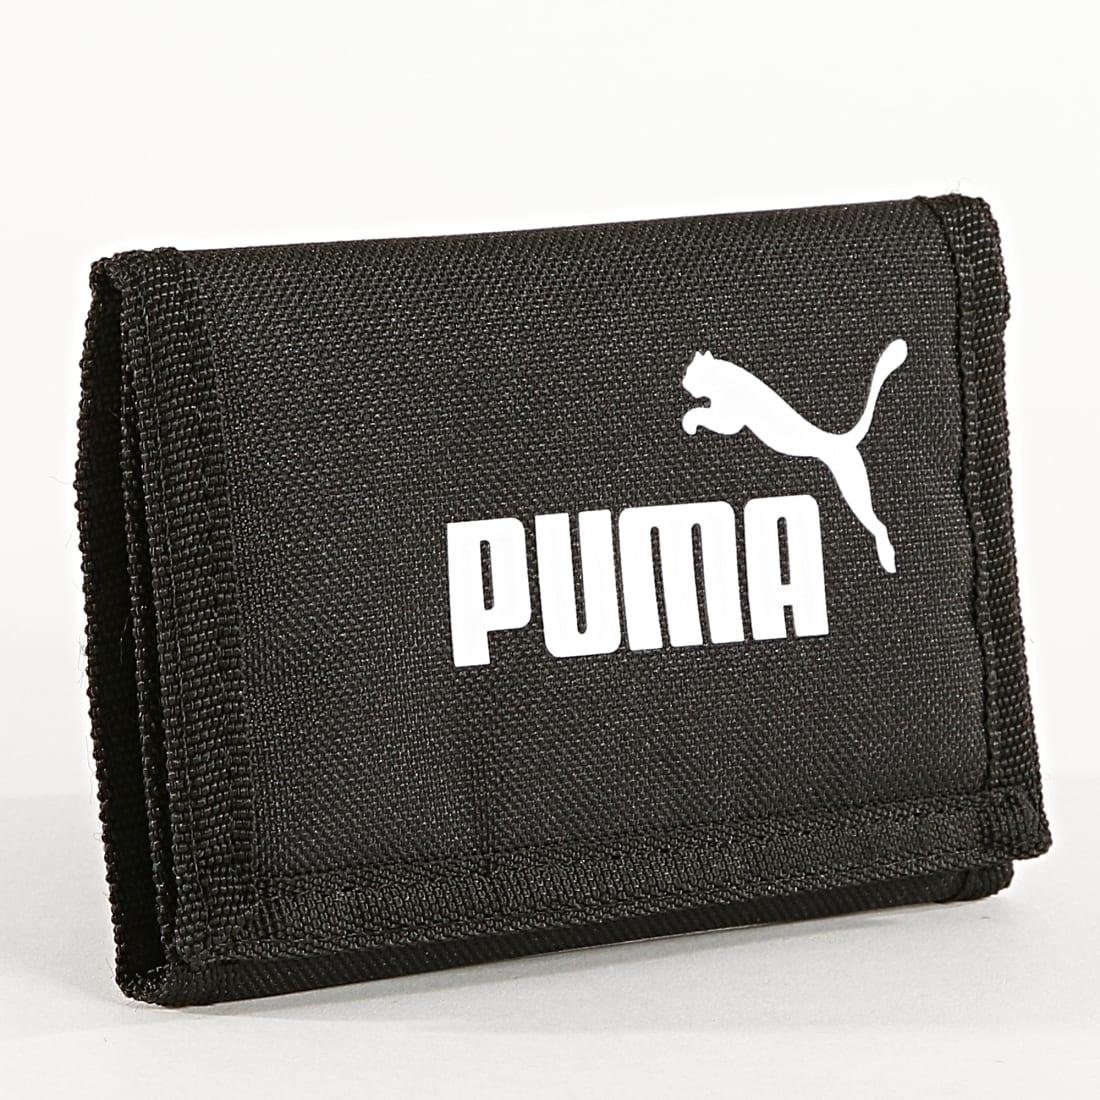 Puma - Portefeuille Phase 075617 Noir - LaBoutiqueOfficielle.com